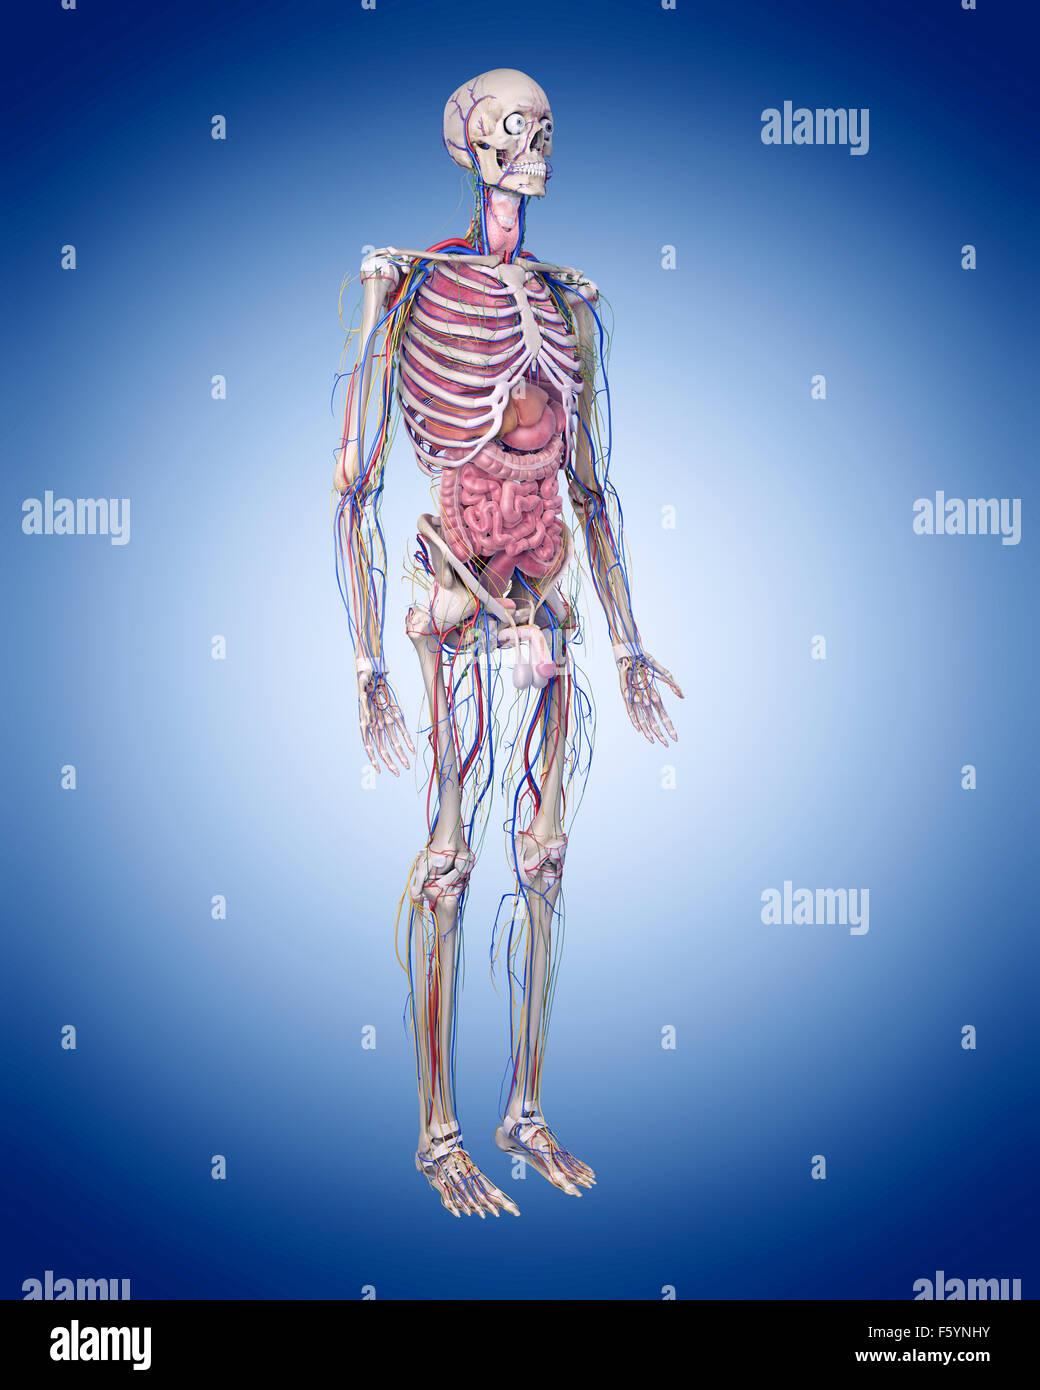 medizinisch genaue Abbildung der menschlichen Anatomie Stockfoto ...